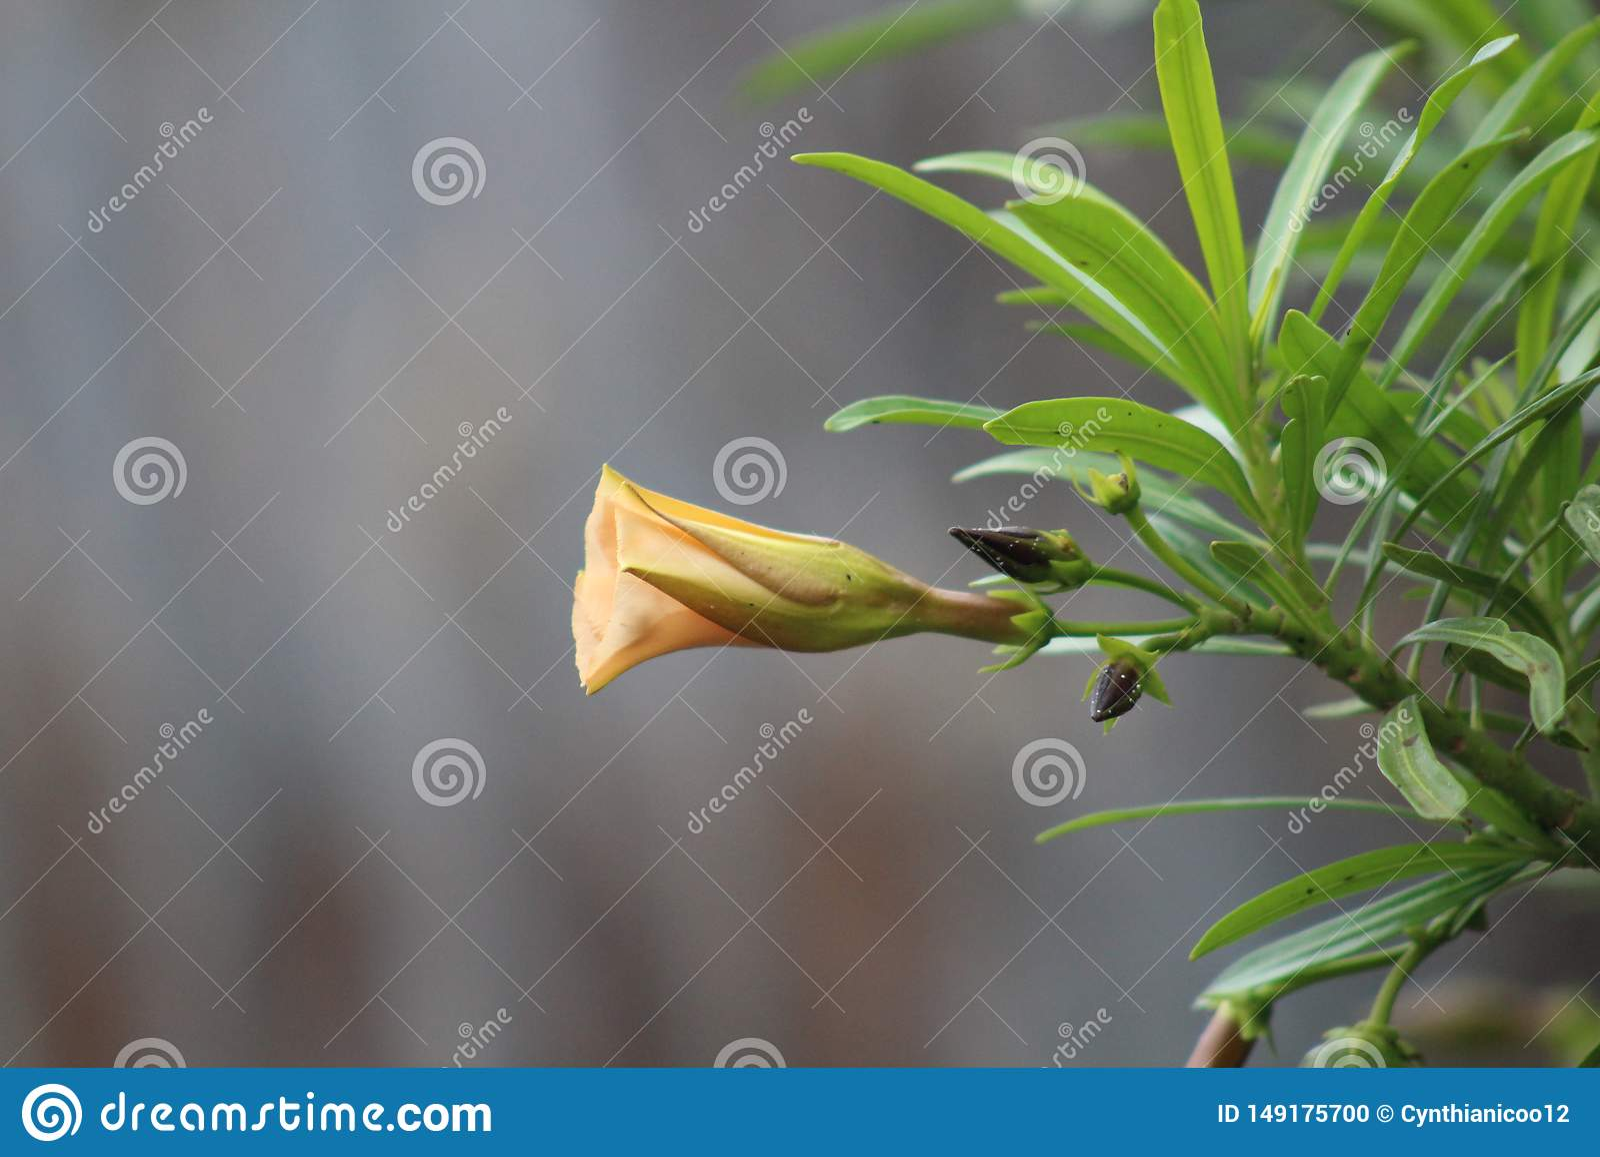 Eine Gr?npflanze w?hrend einer Sommersaison